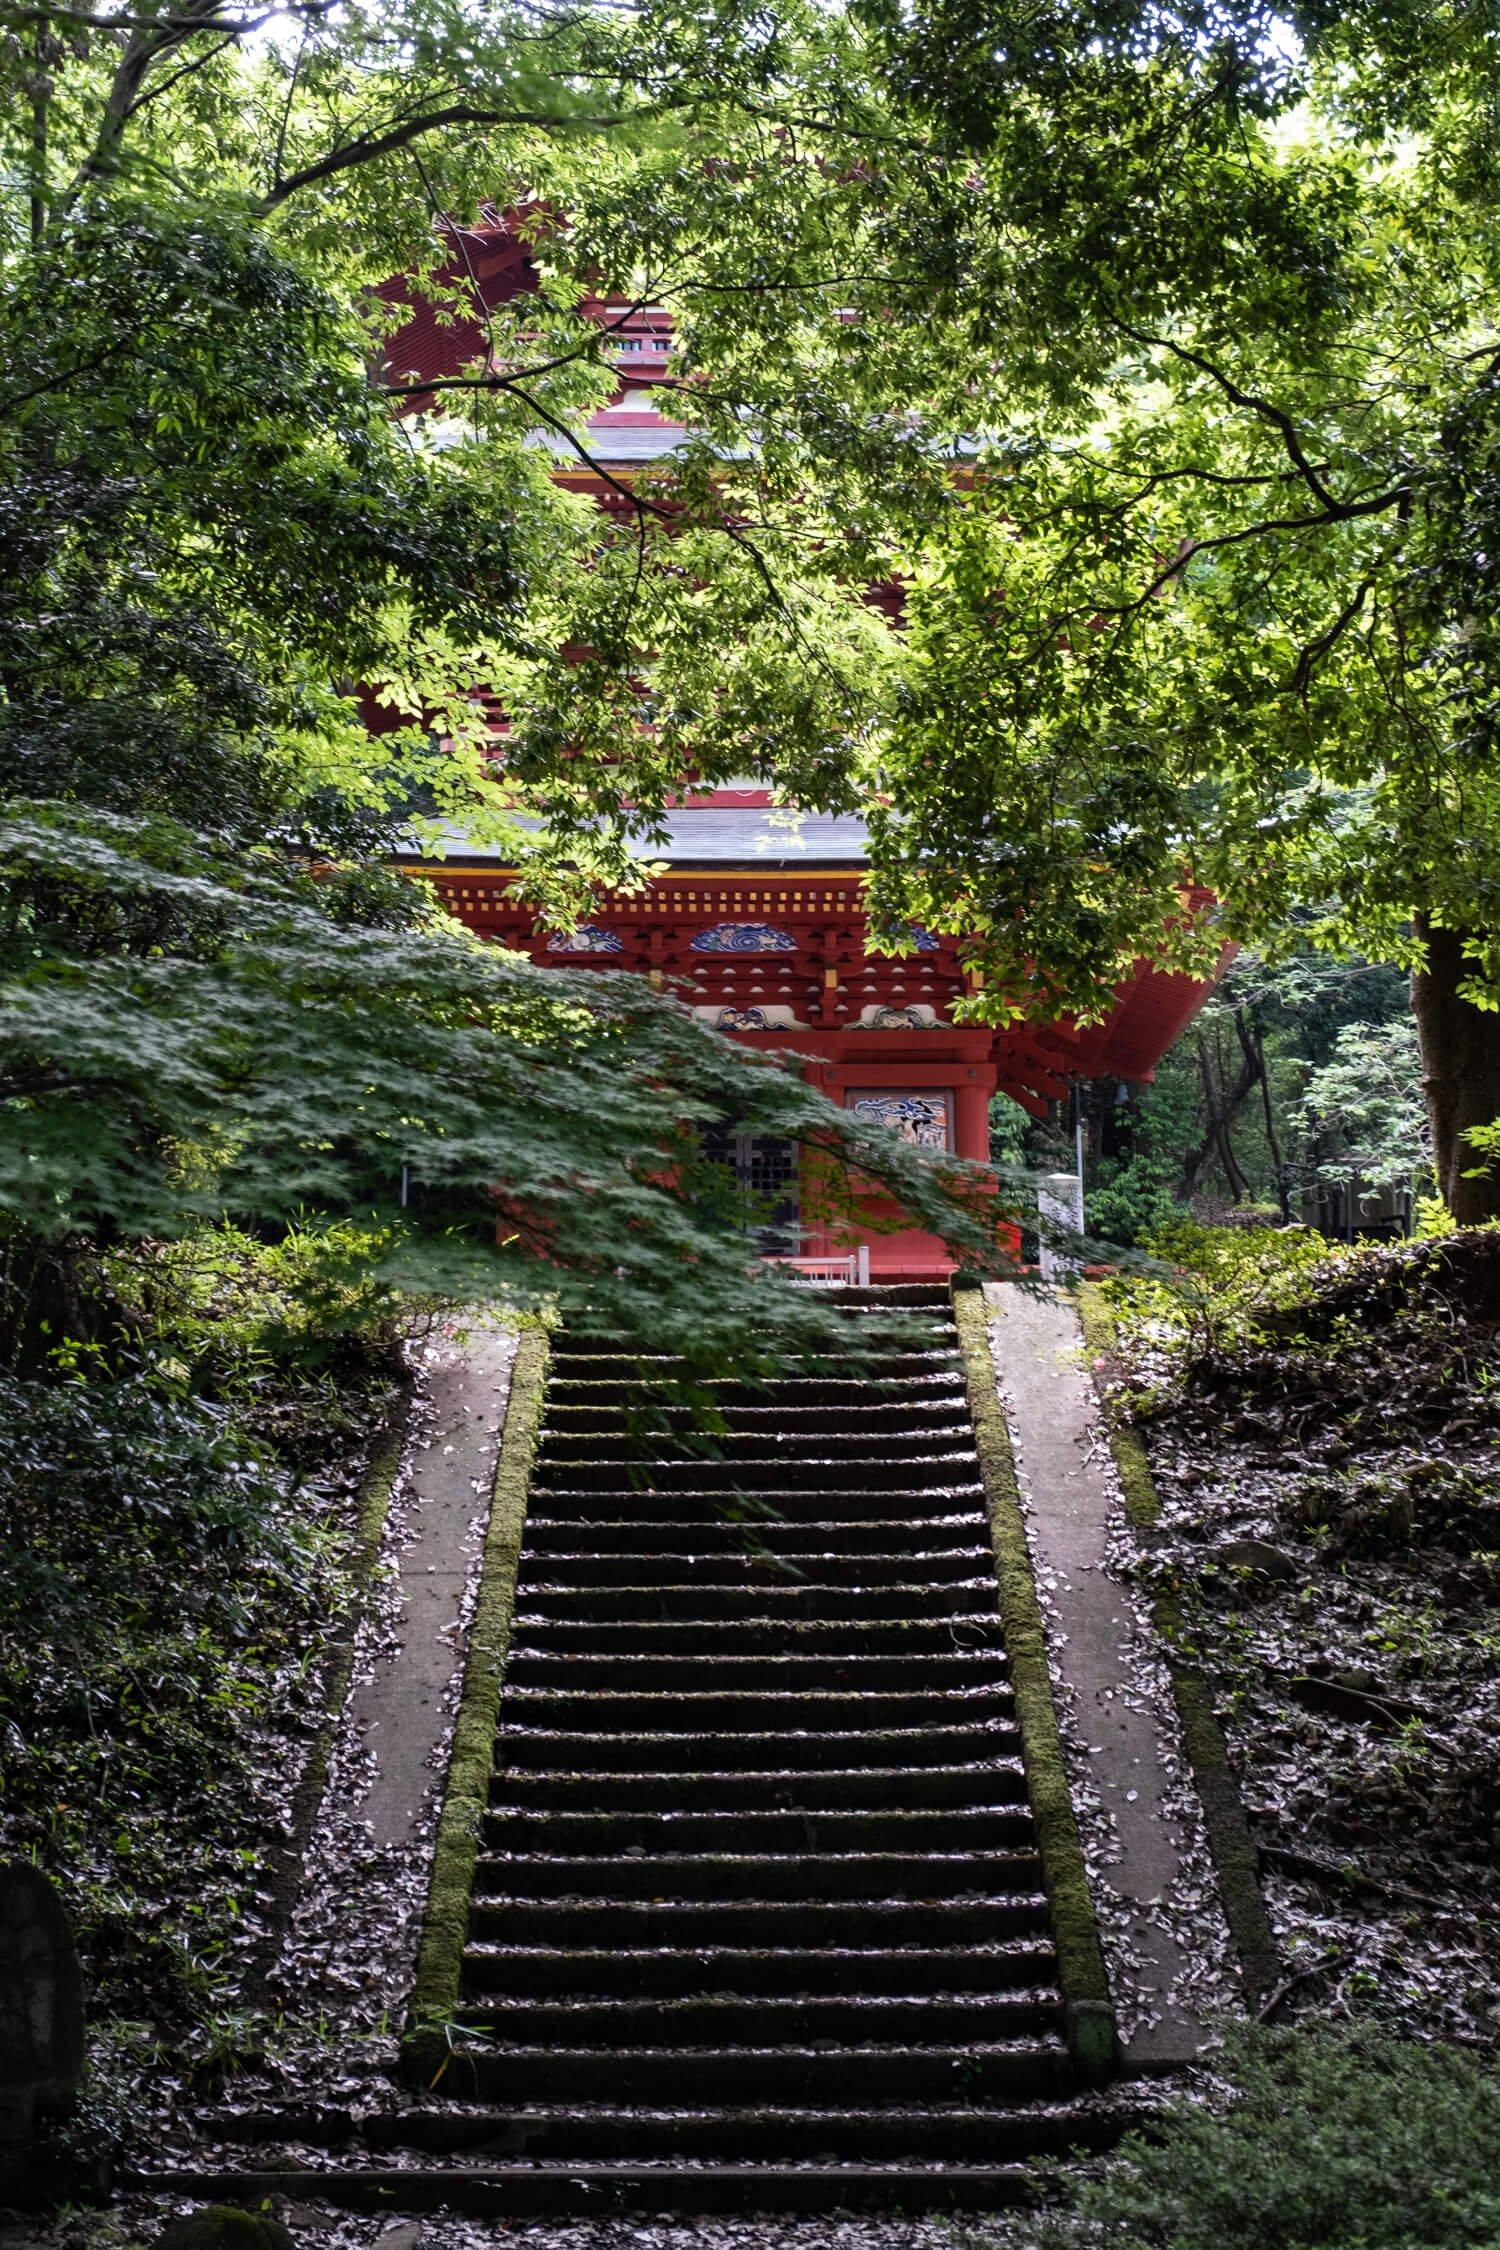 うっそうと生い茂る木々の向こうに高勝寺の三重塔が見えてくる。